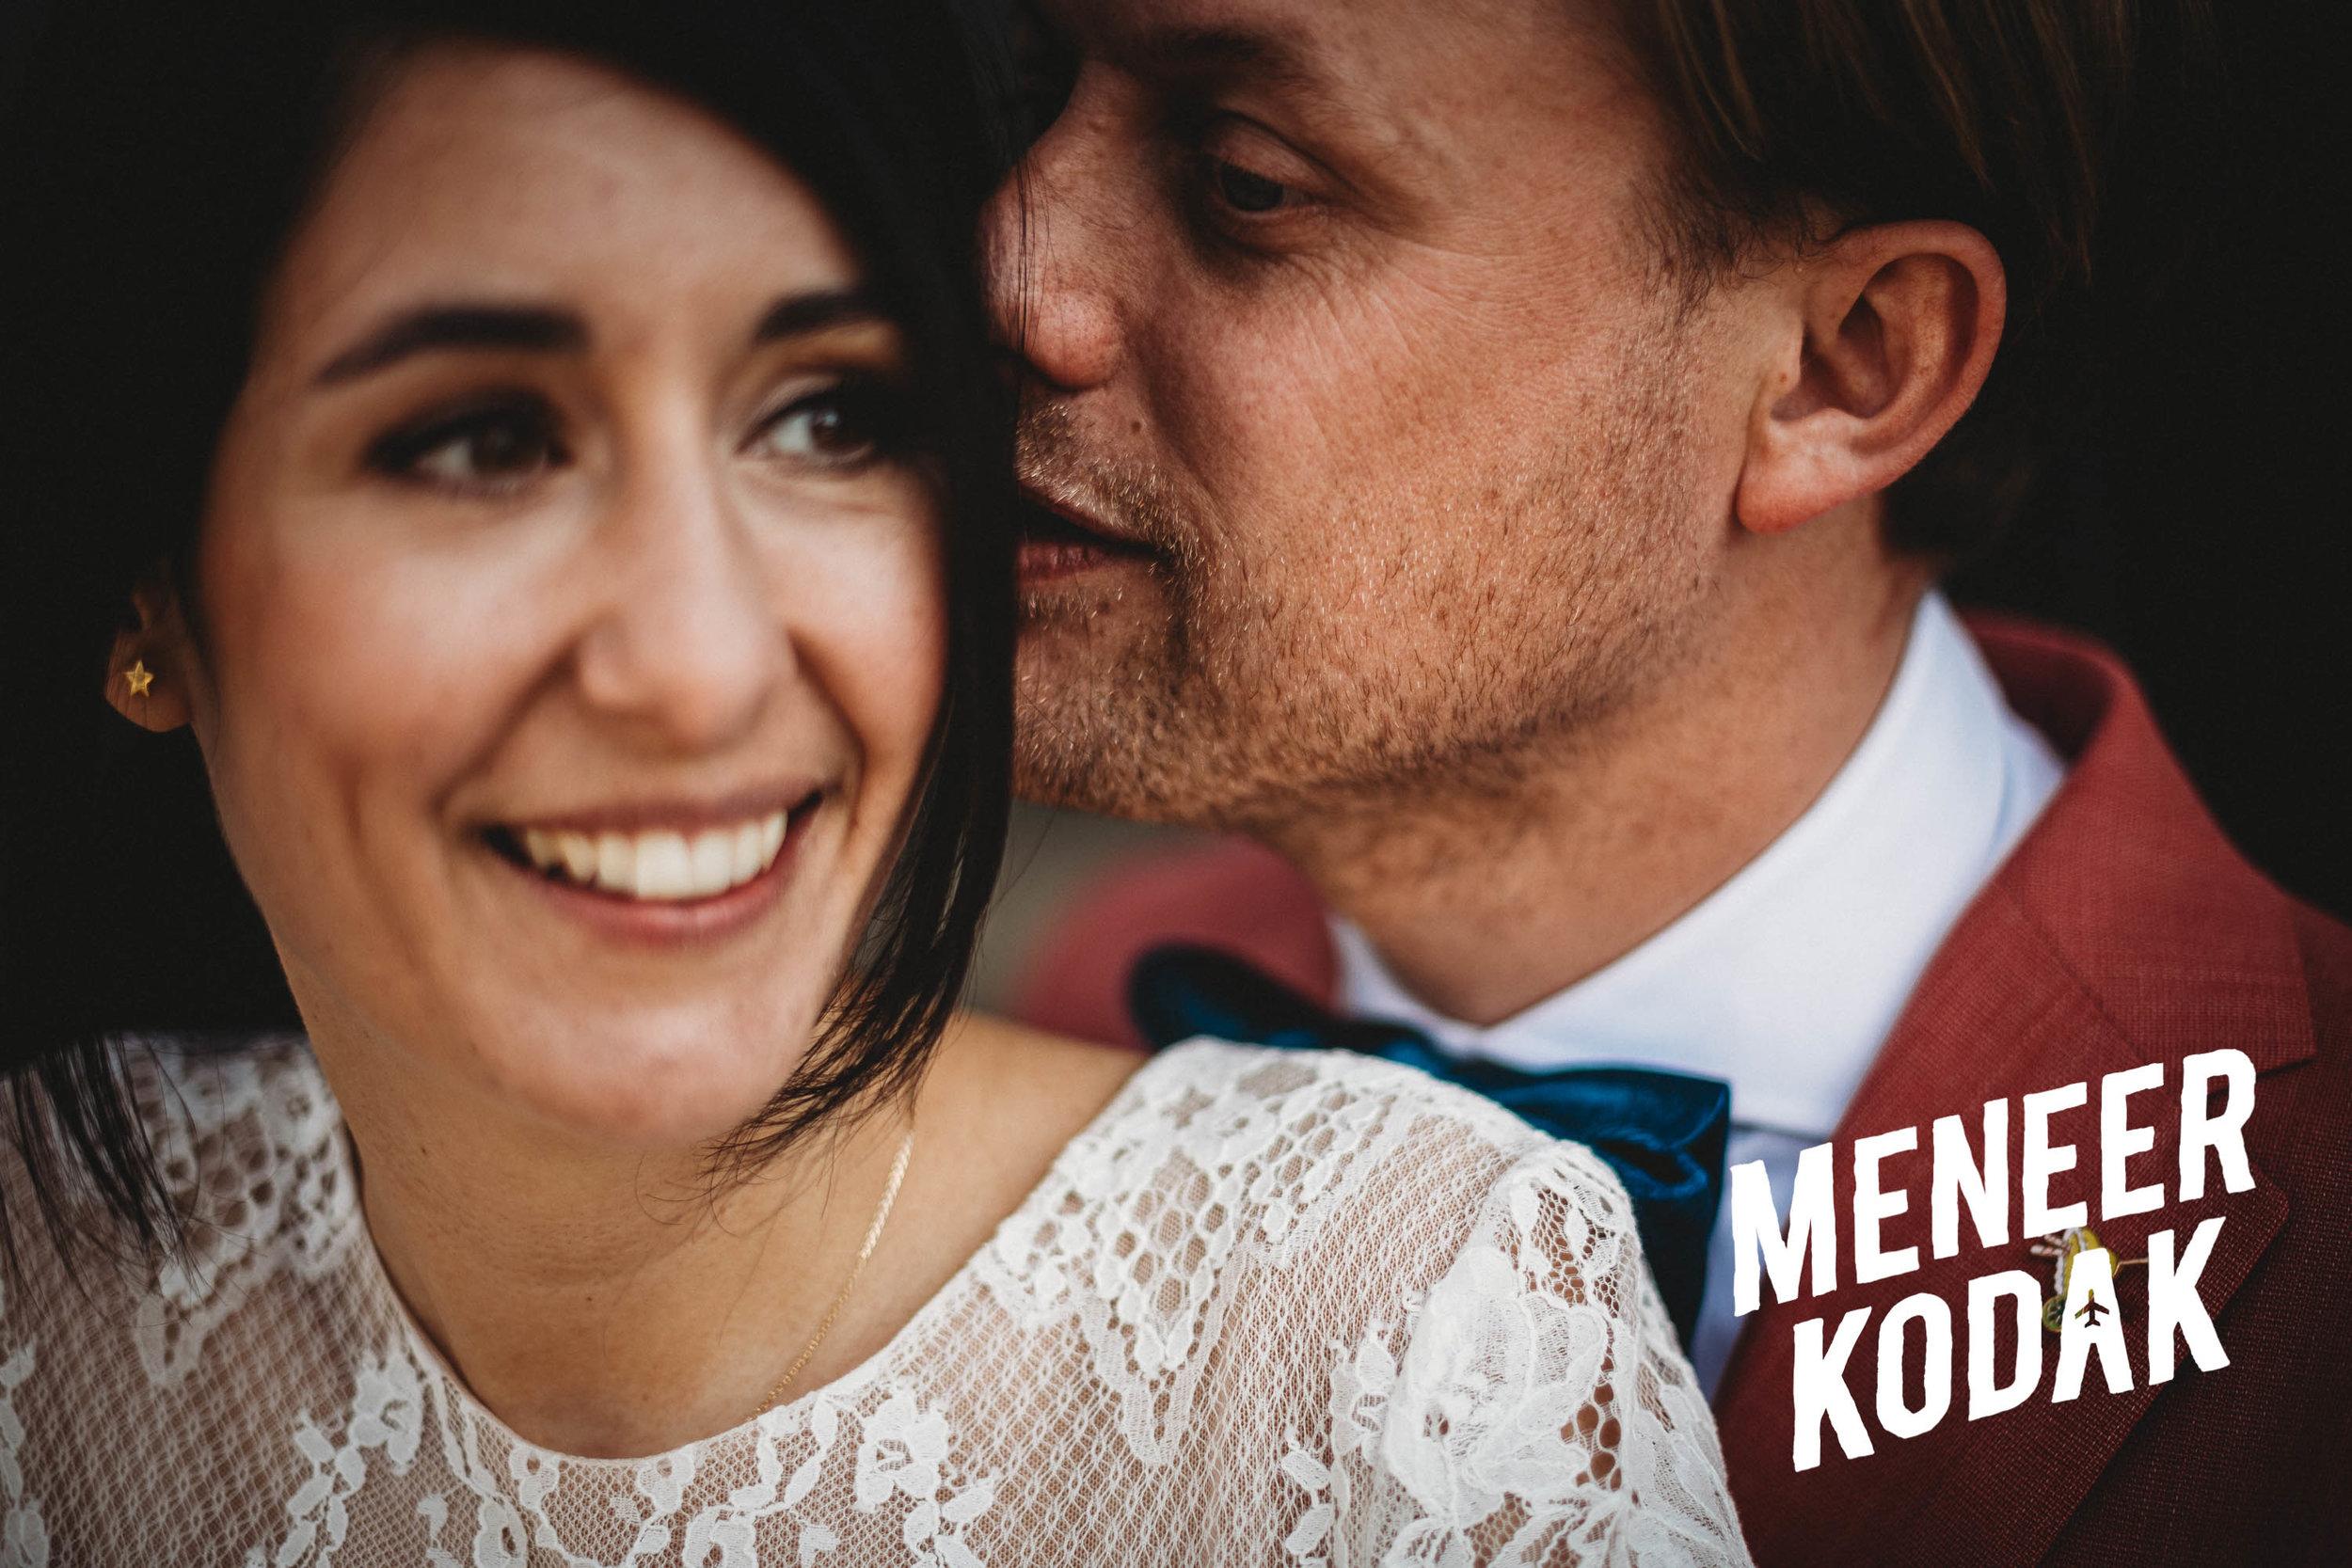 Meneer Kodak - Bruidsfotograaf - Amsterdam - M&J-022.jpg